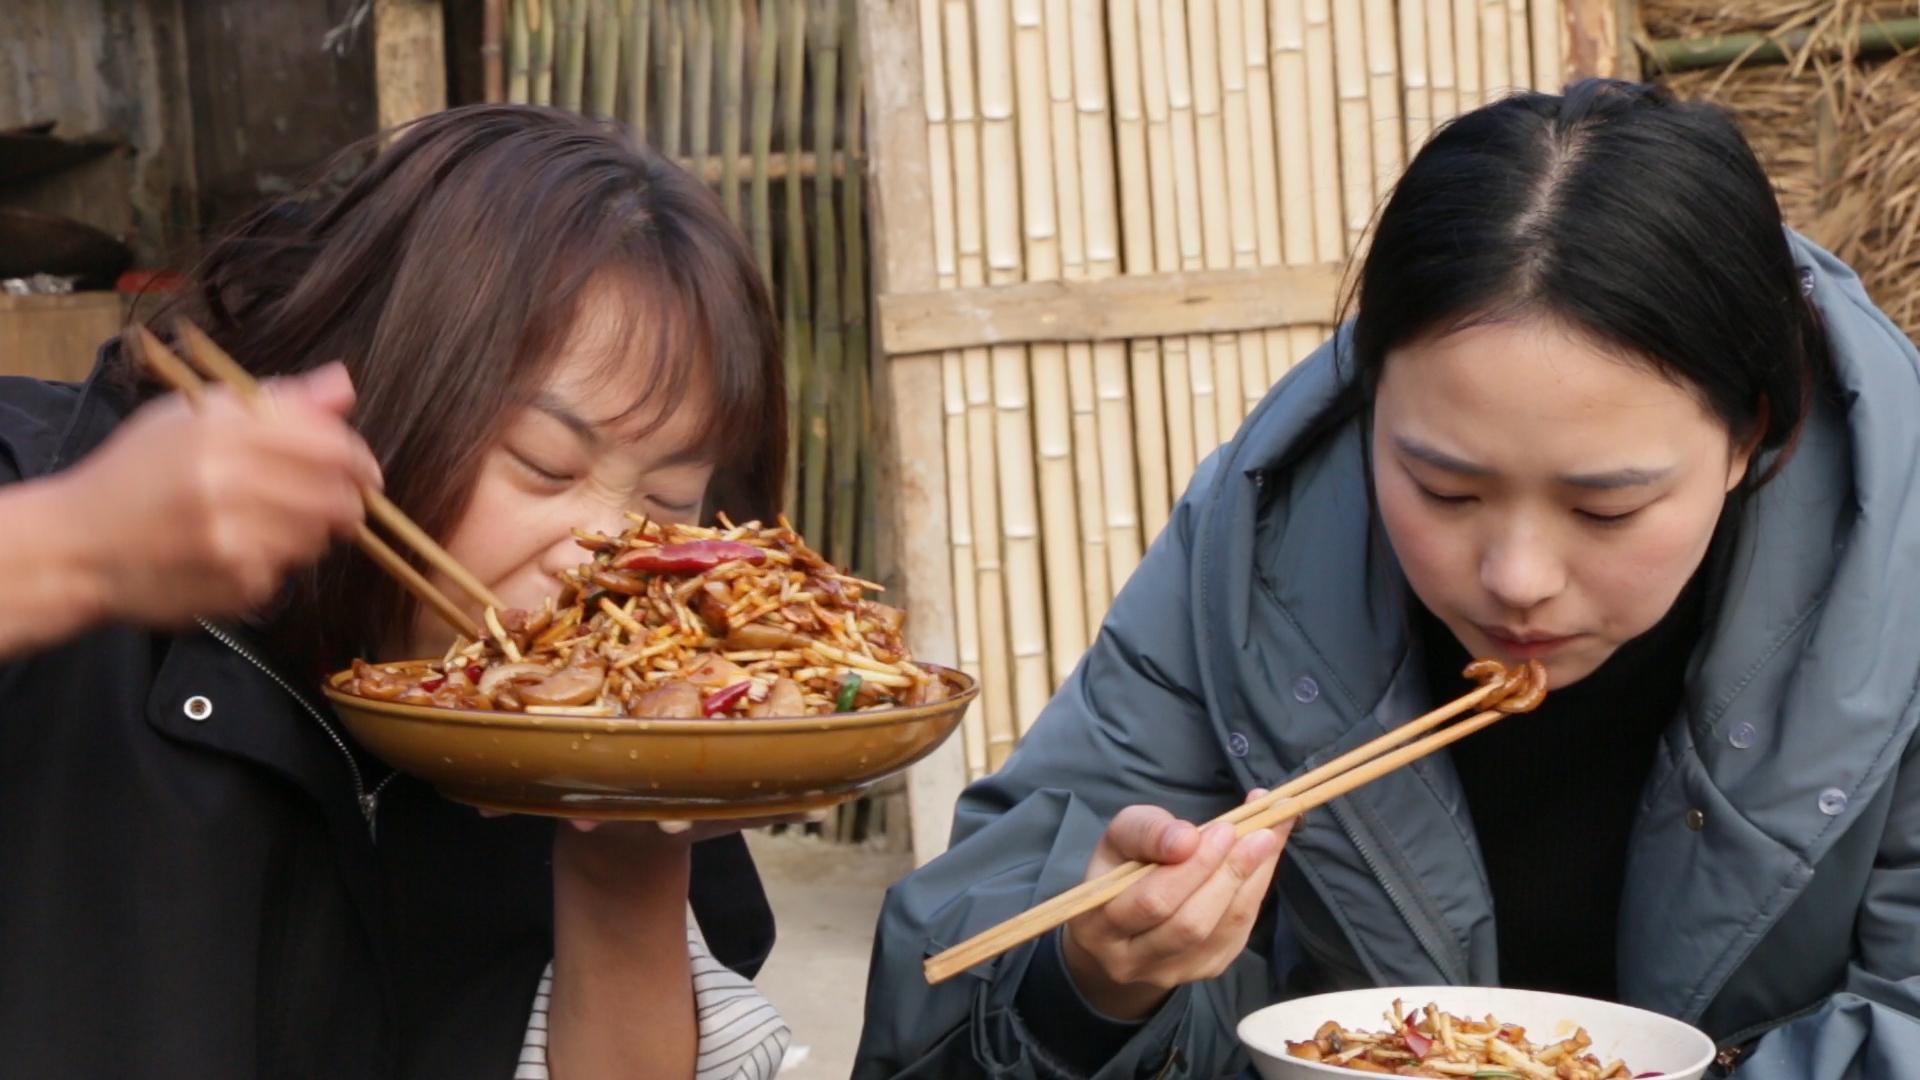 秋妹炒了肥肠折耳根盖饭,简单爆炒一下,和姐姐一人吃一盘,真香